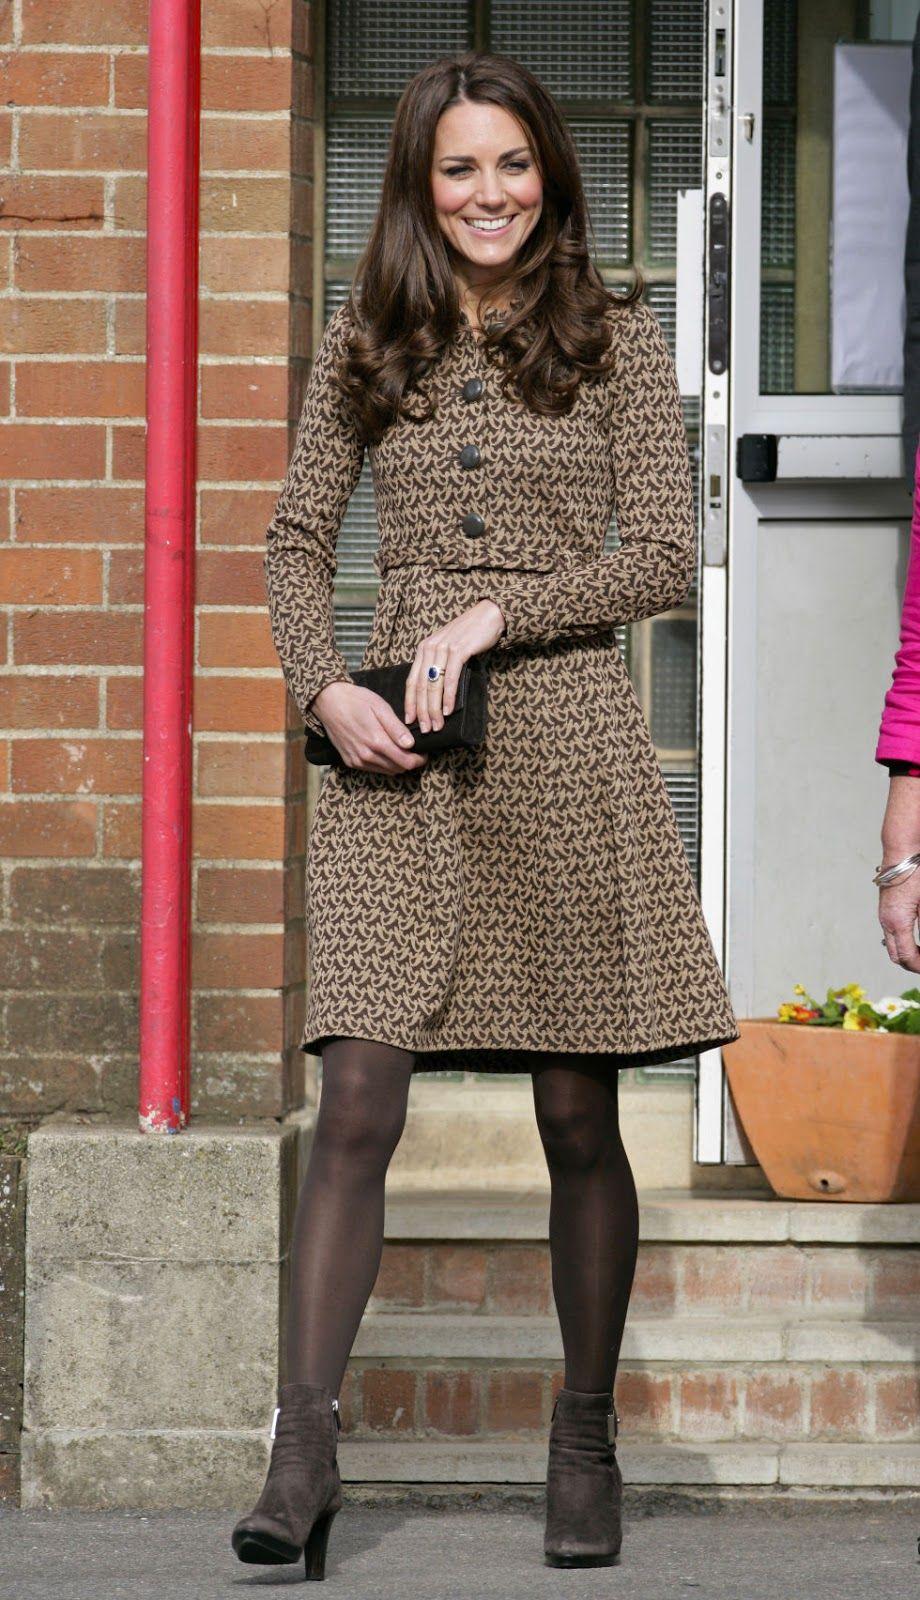 Kate middleton in pantyhose